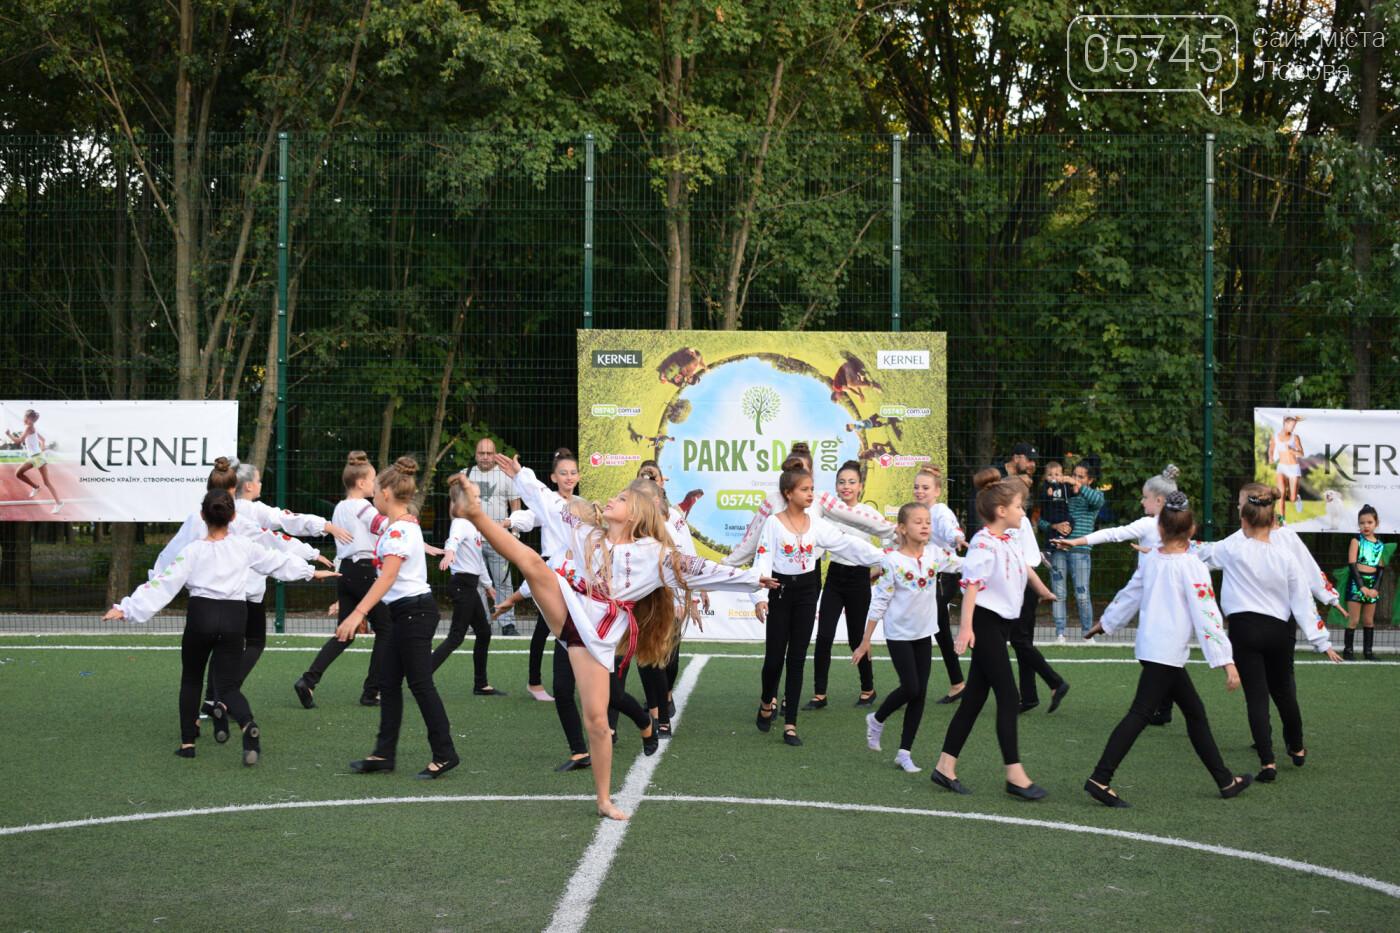 """Море драйва и зрелищ! В Лозовой состоялся первый спортивно-развлекательный фестиваль """"Park's Day"""", фото-56"""